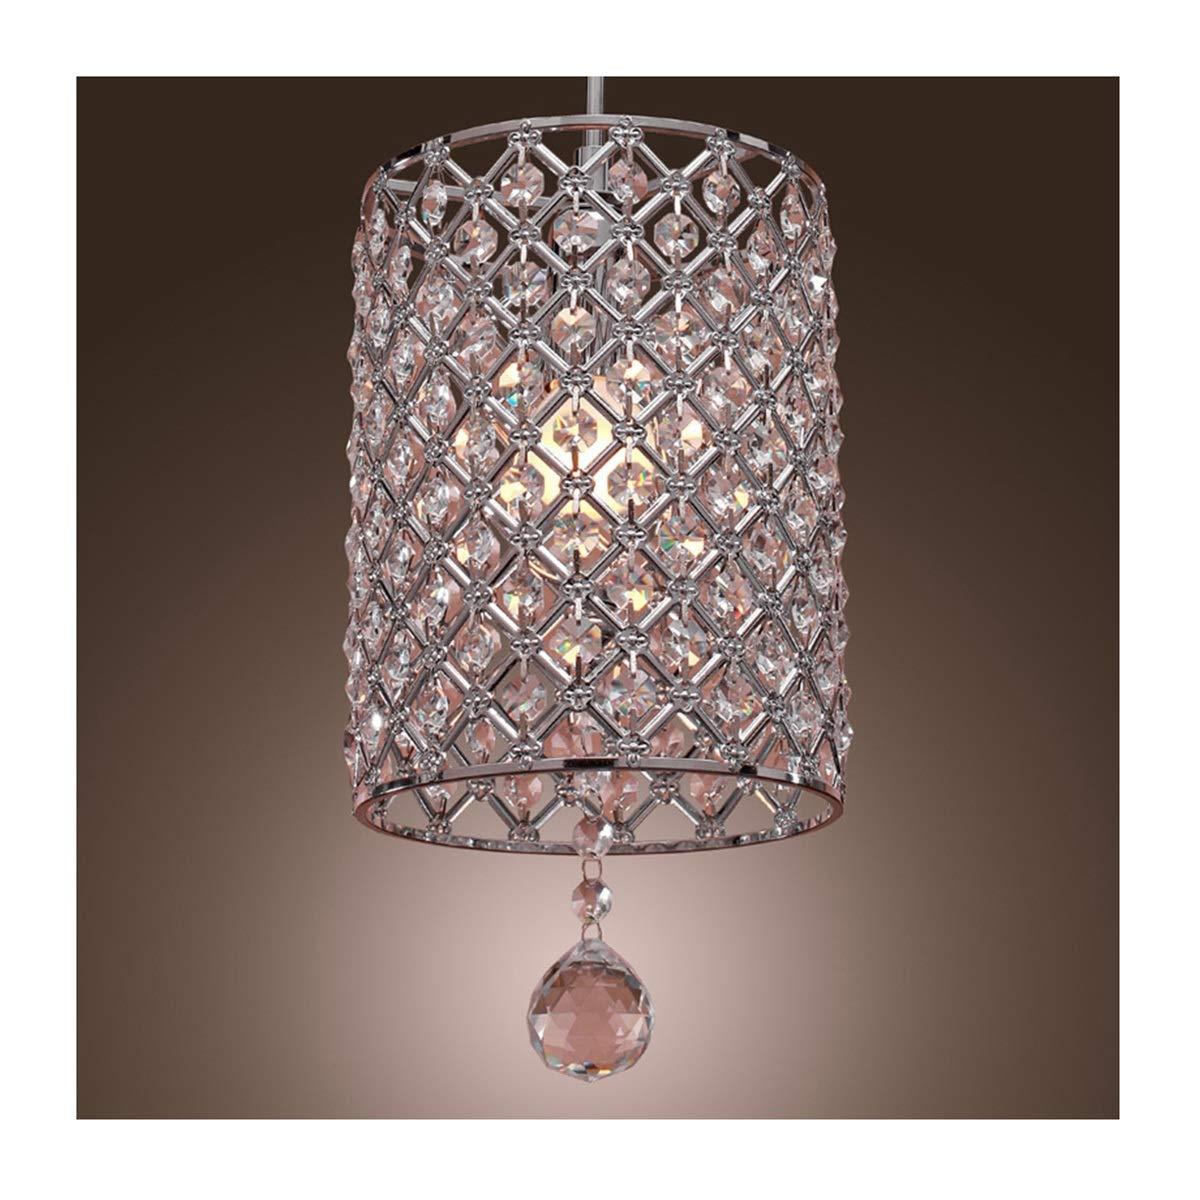 NIUZIMU Kronleuchter zeitgenössische Kronleuchter Crystal Drop Pendelleuchte im Zylinder Stil